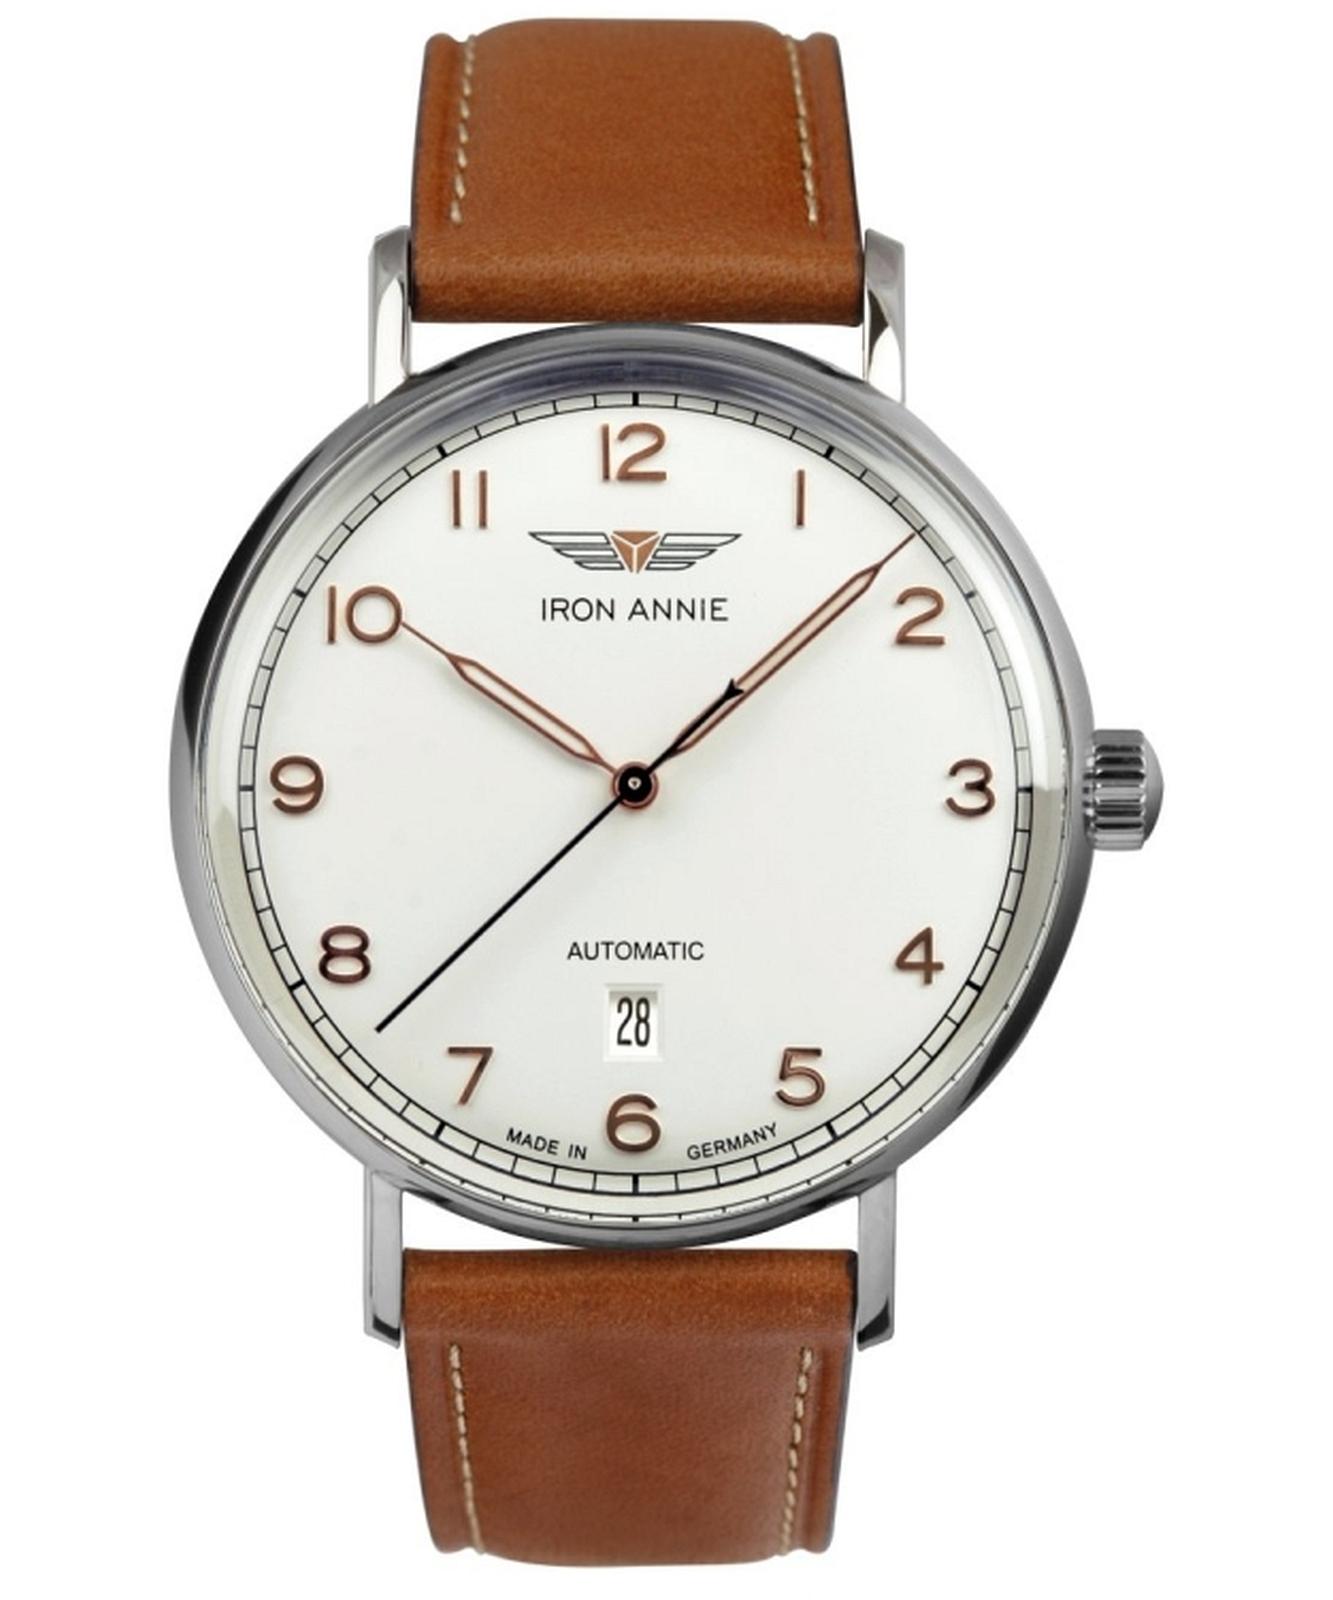 zegarek-meski-iron-annie-d-aqui-automatik-ia-5956-1